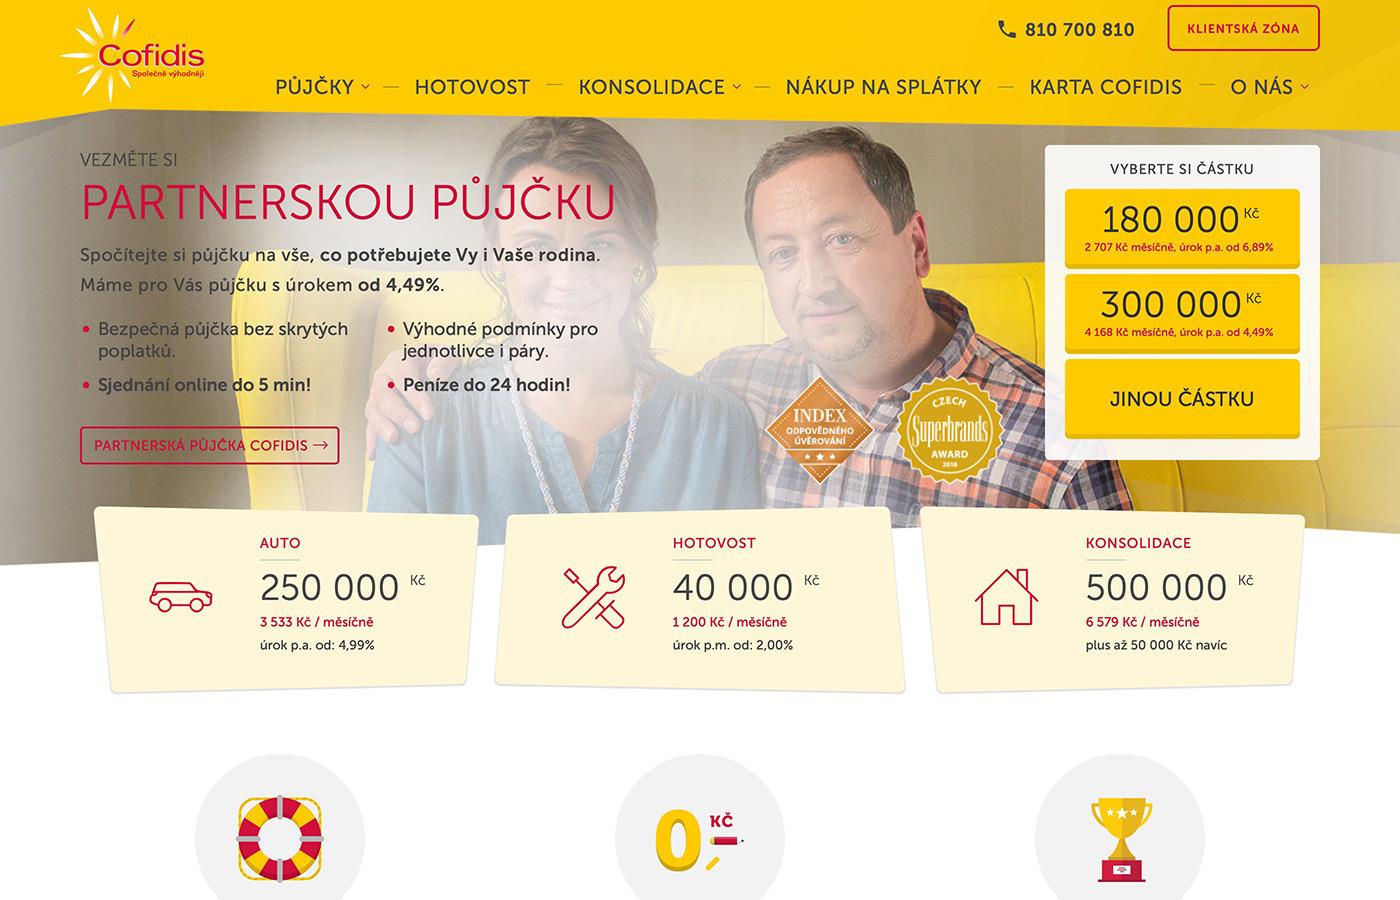 Náhled webových stránek www.cofidis.cz